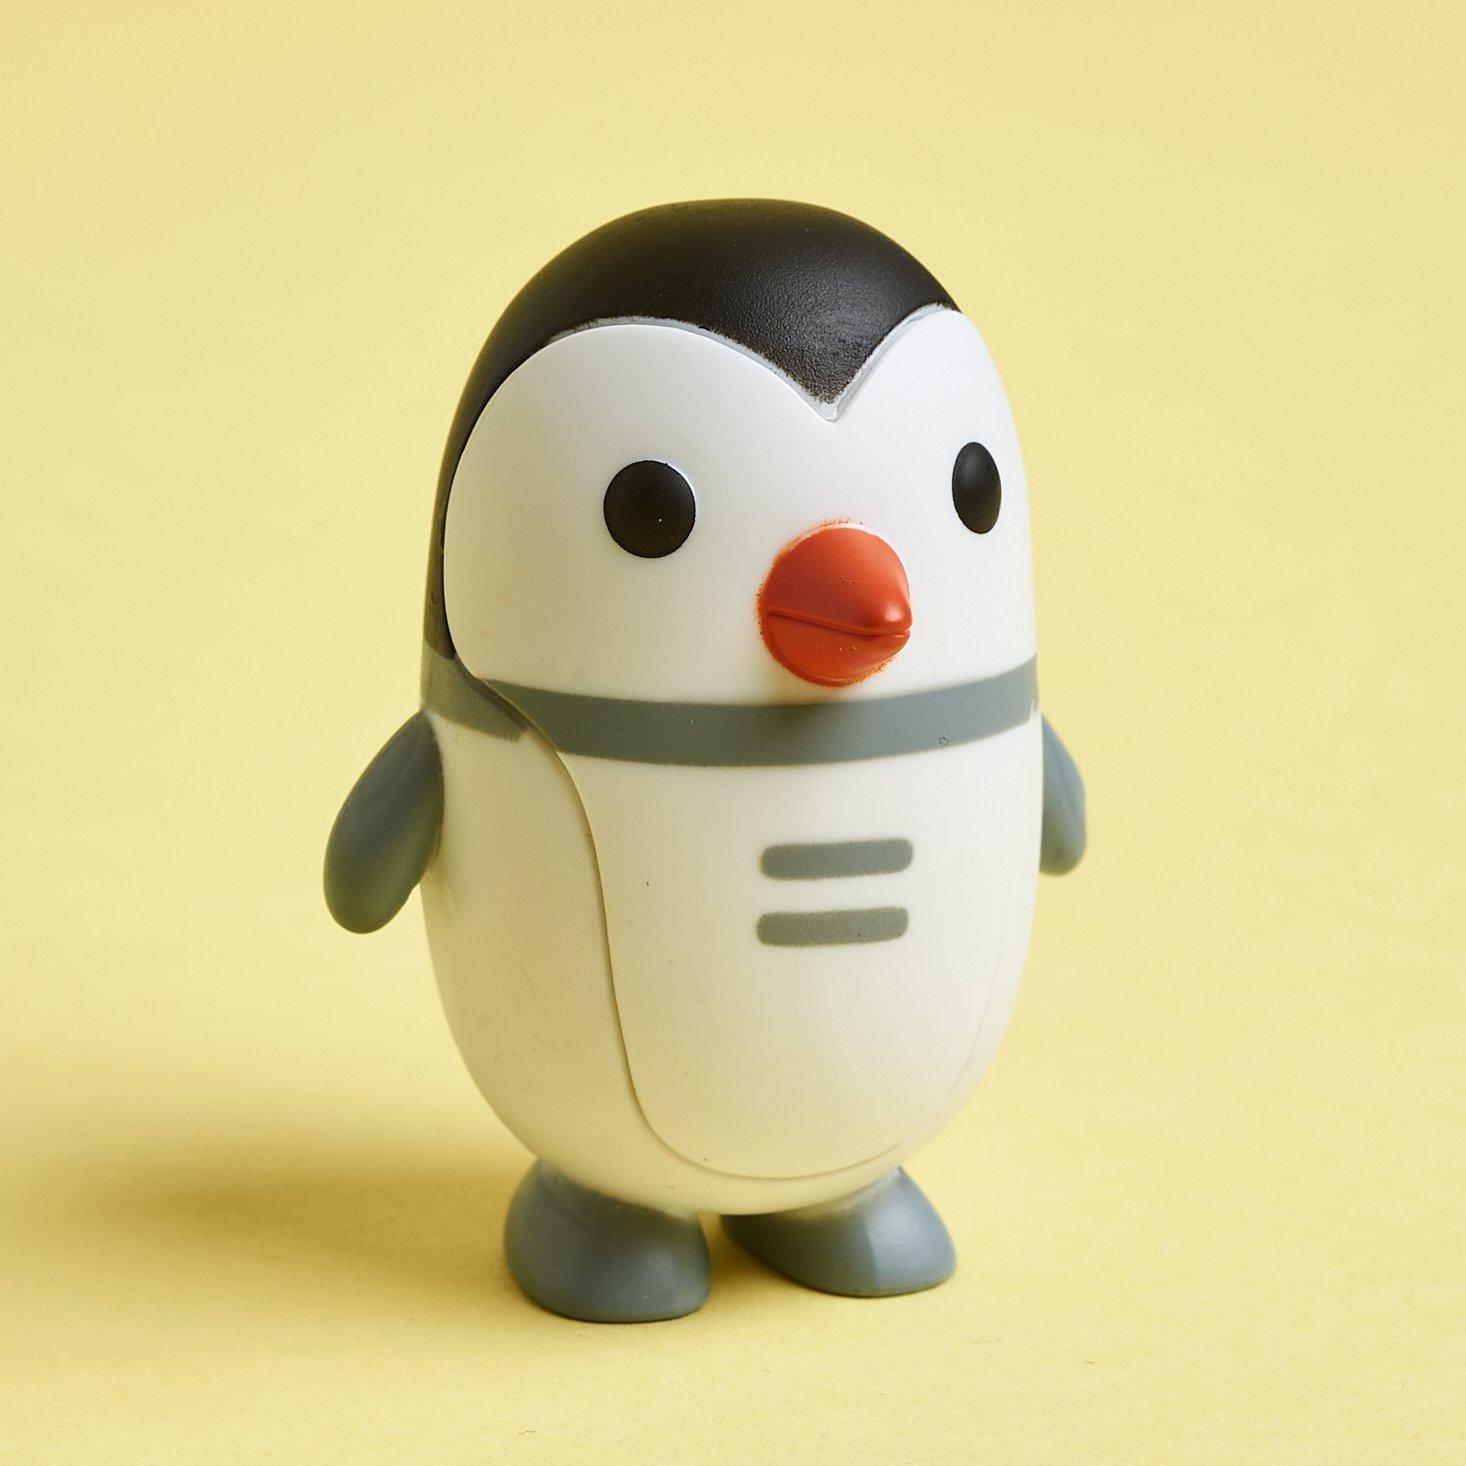 Sago Mini Box March 2021 penguin figure